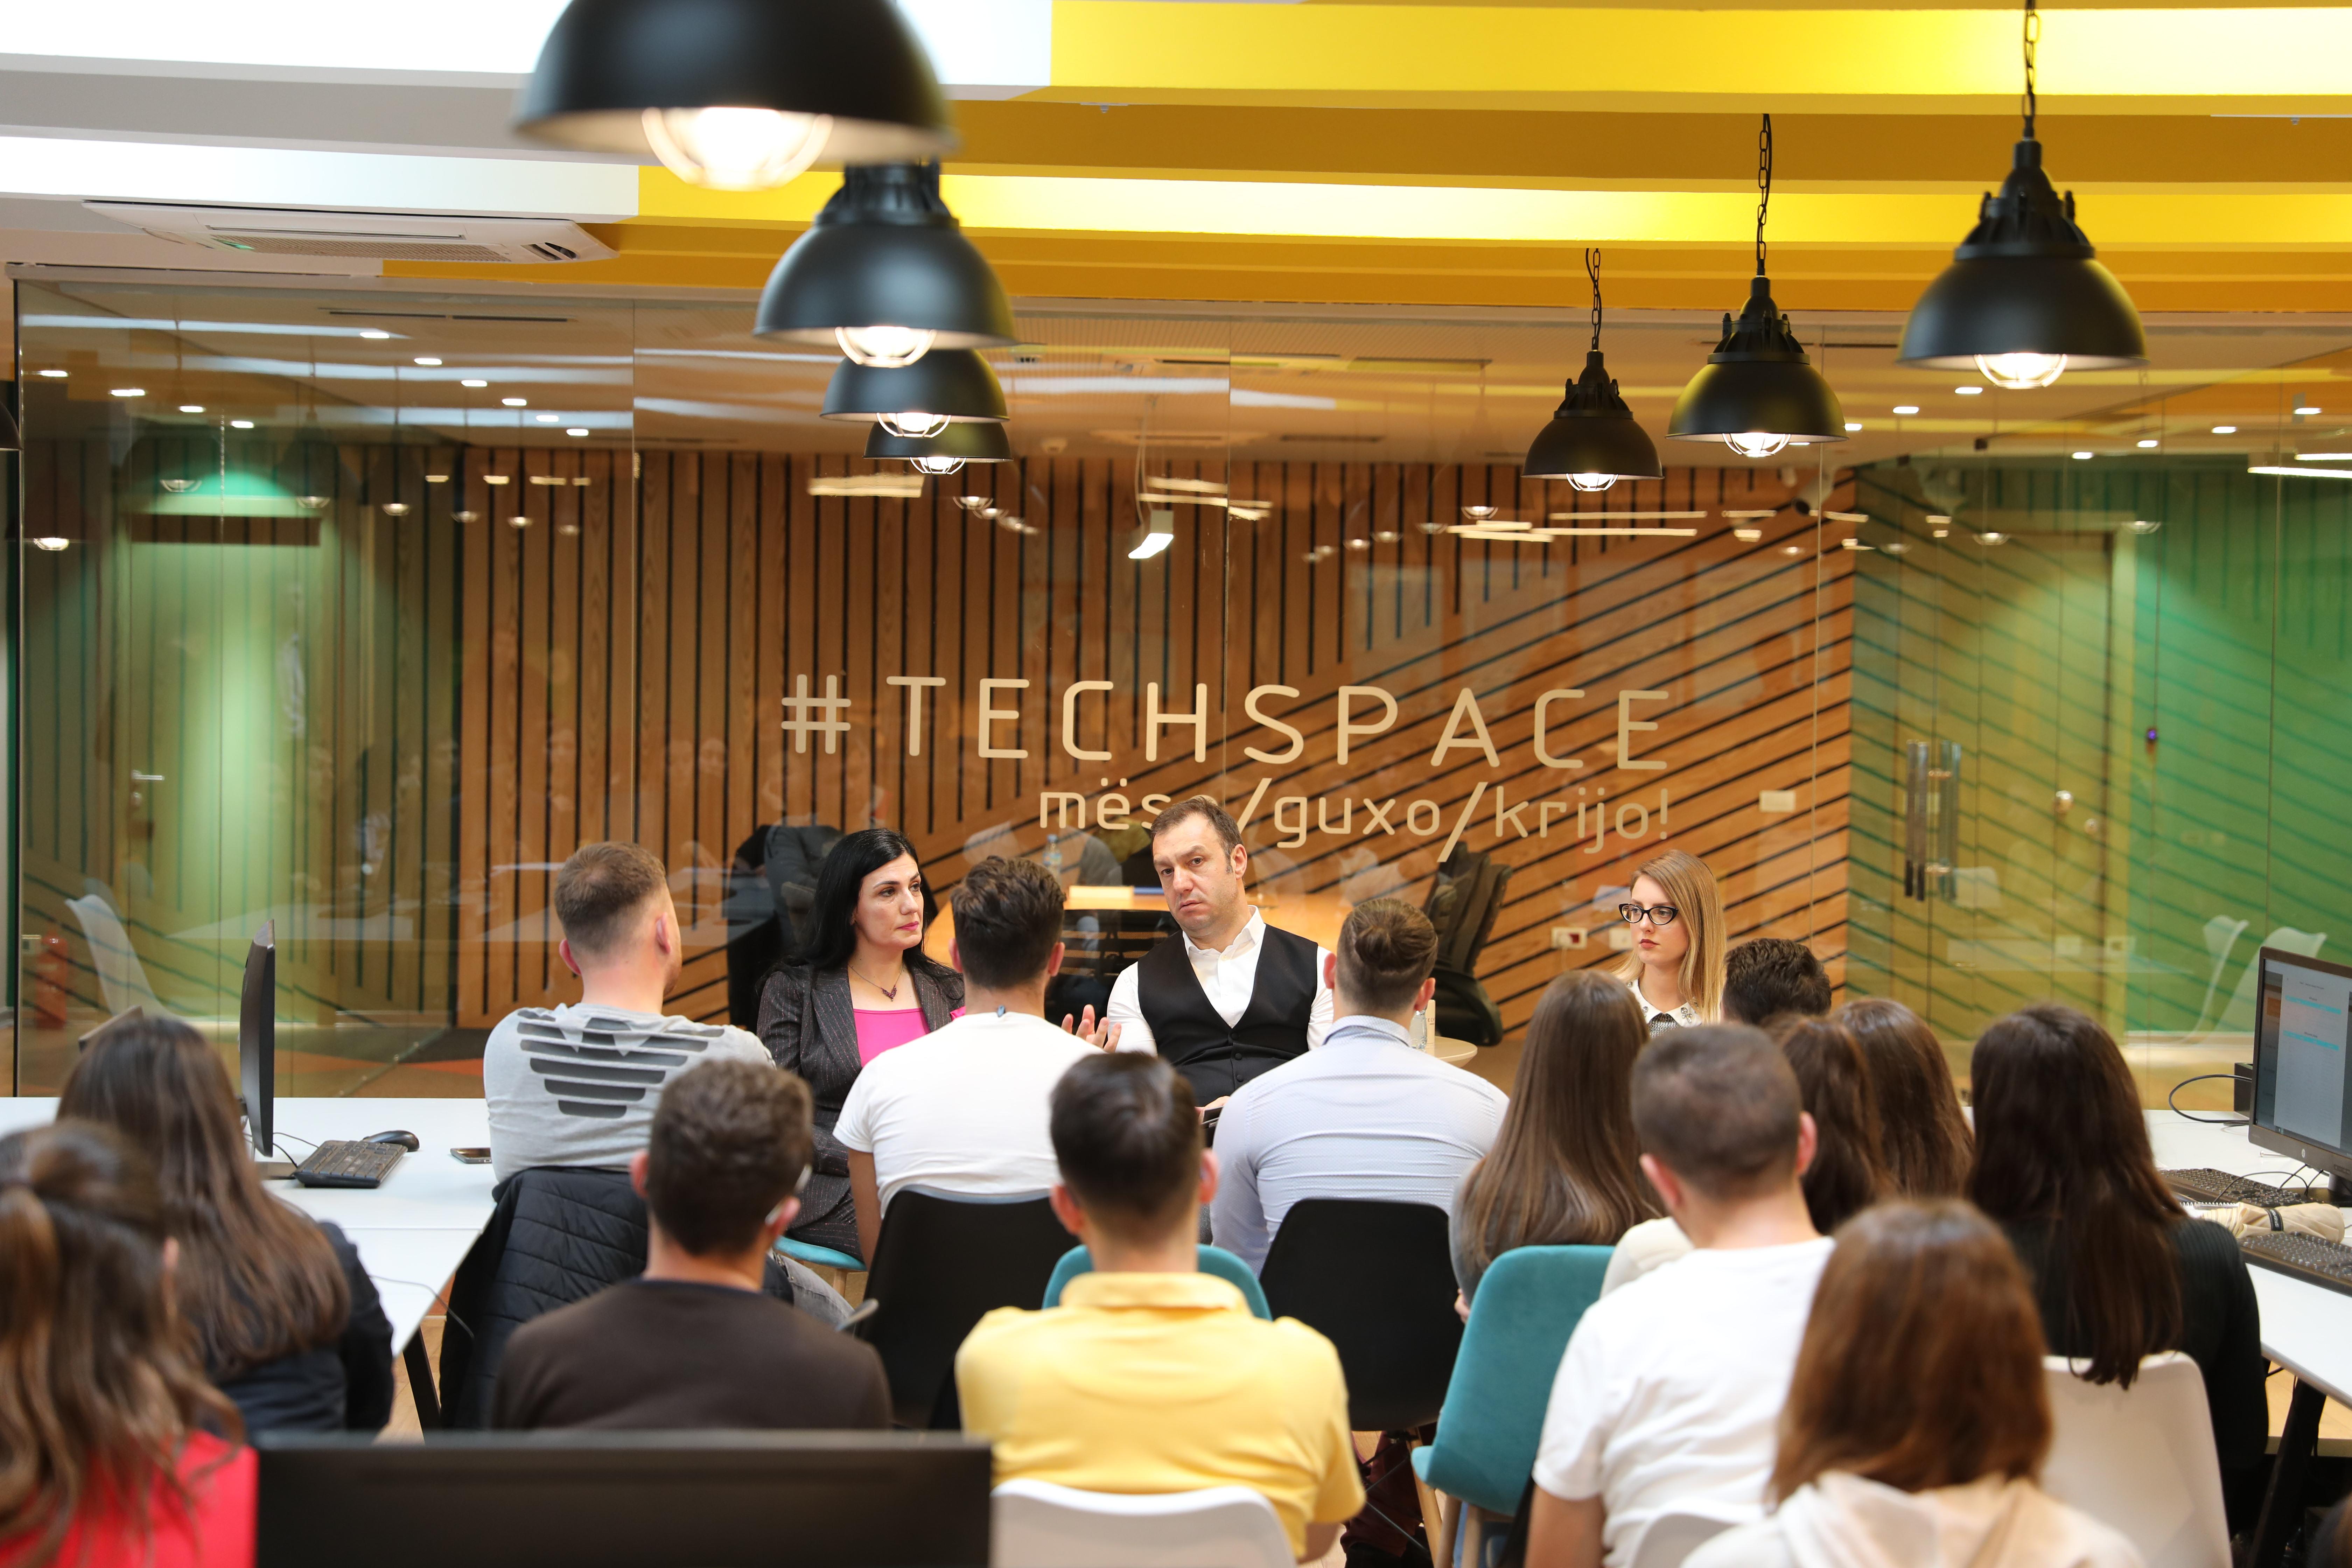 Karçanaj: Së shpejti trajnime profesionale në 'TechSpace'